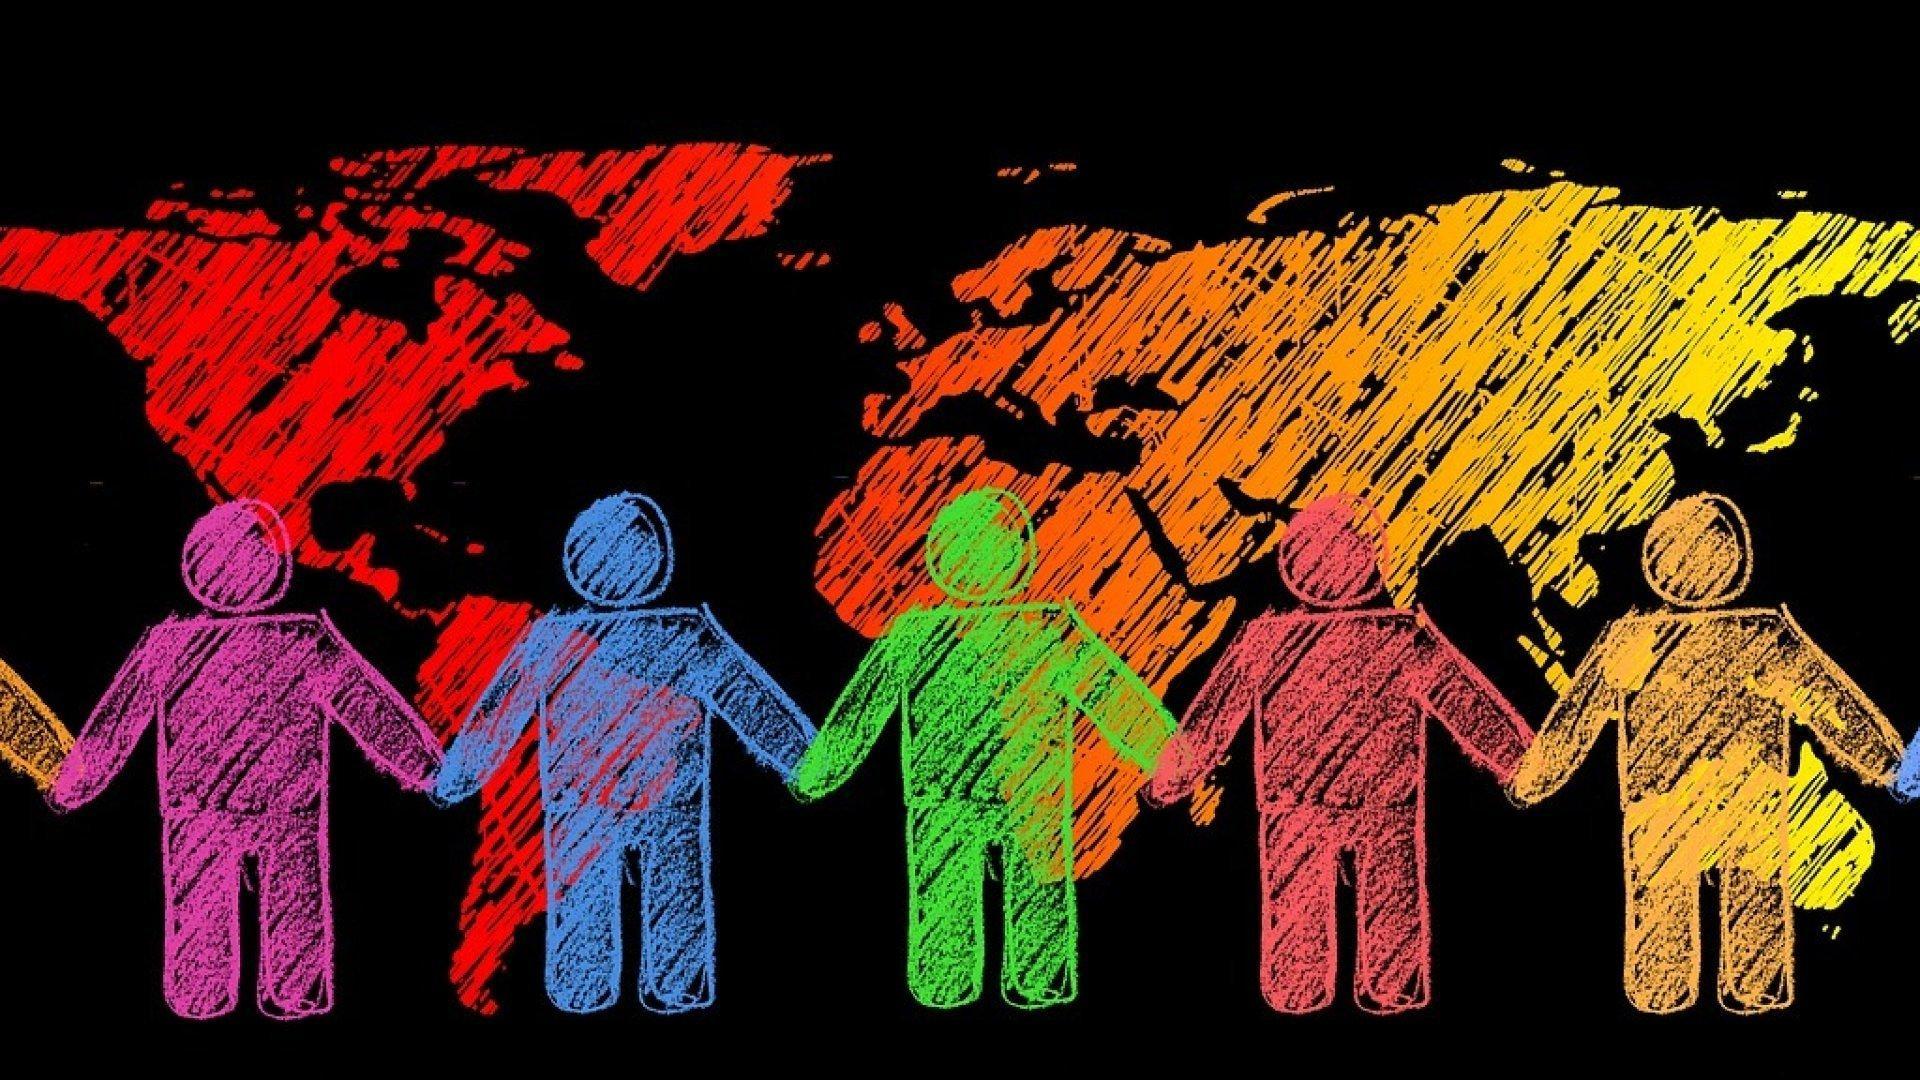 Eine gezeichnete Weltkarte, davor Strichmännchen in bunten Farben, die sich an den Händen halten.